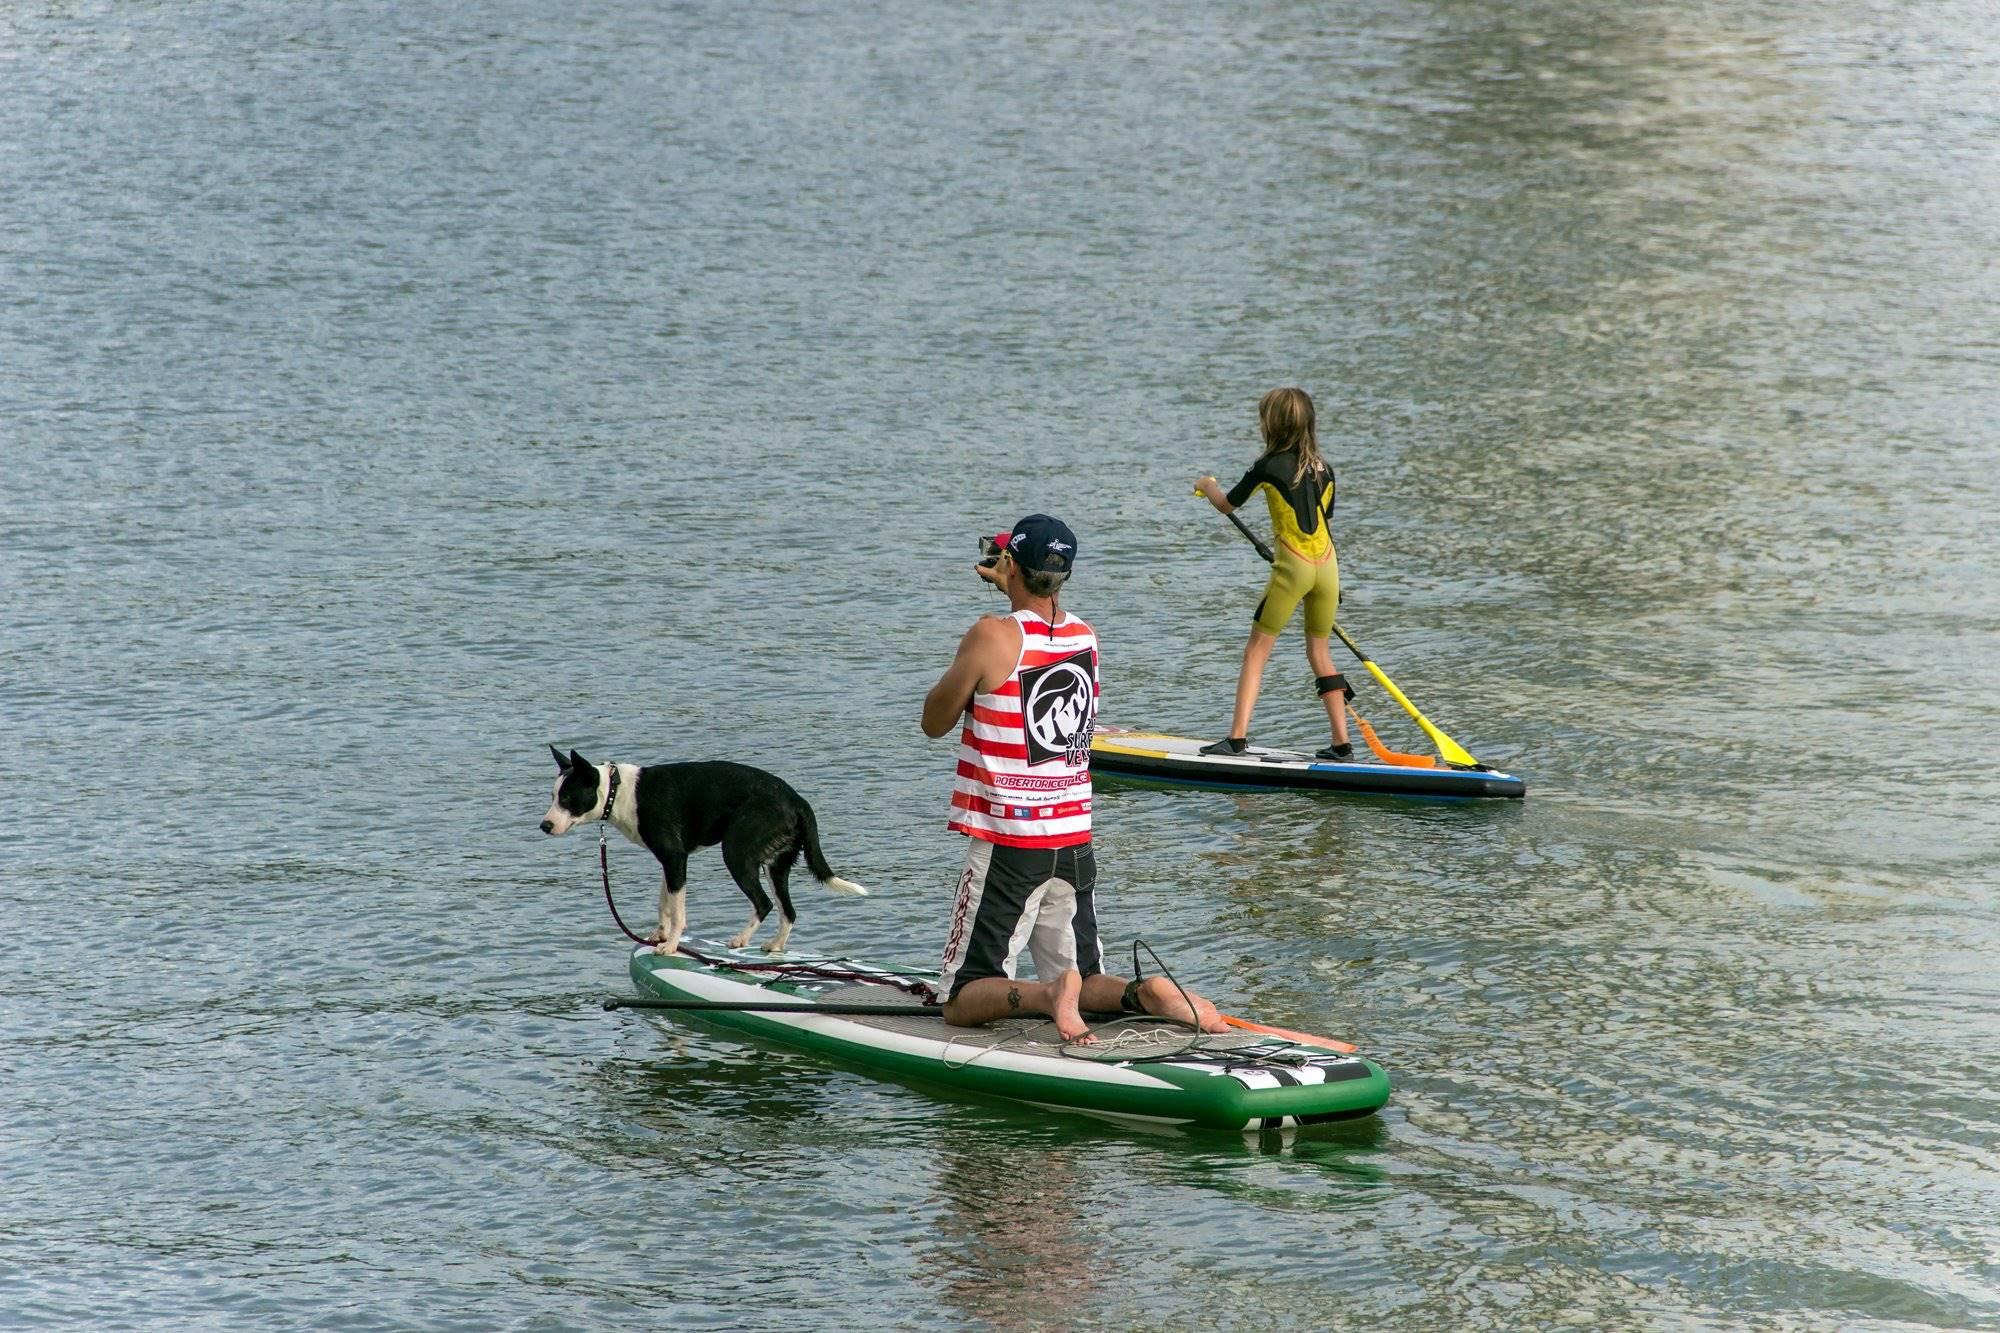 El 'paddle surf' es lo más indicado para principiantes en deportes de aventura con mascotas. Foto: Shutterstock